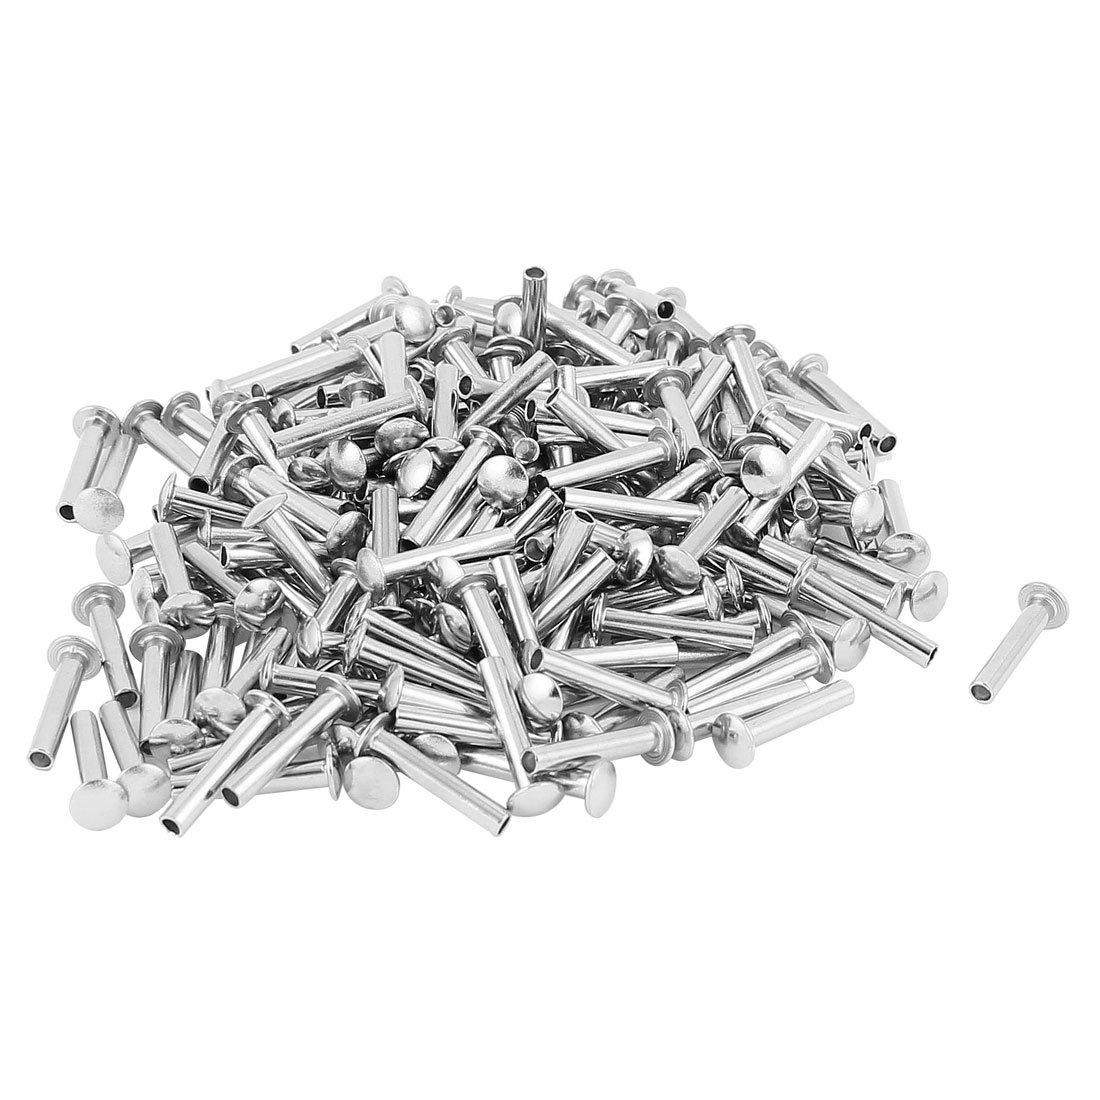 200 Pcs M3 x 16mm Nickel Plated Truss Head Semi-Tubular Rivets